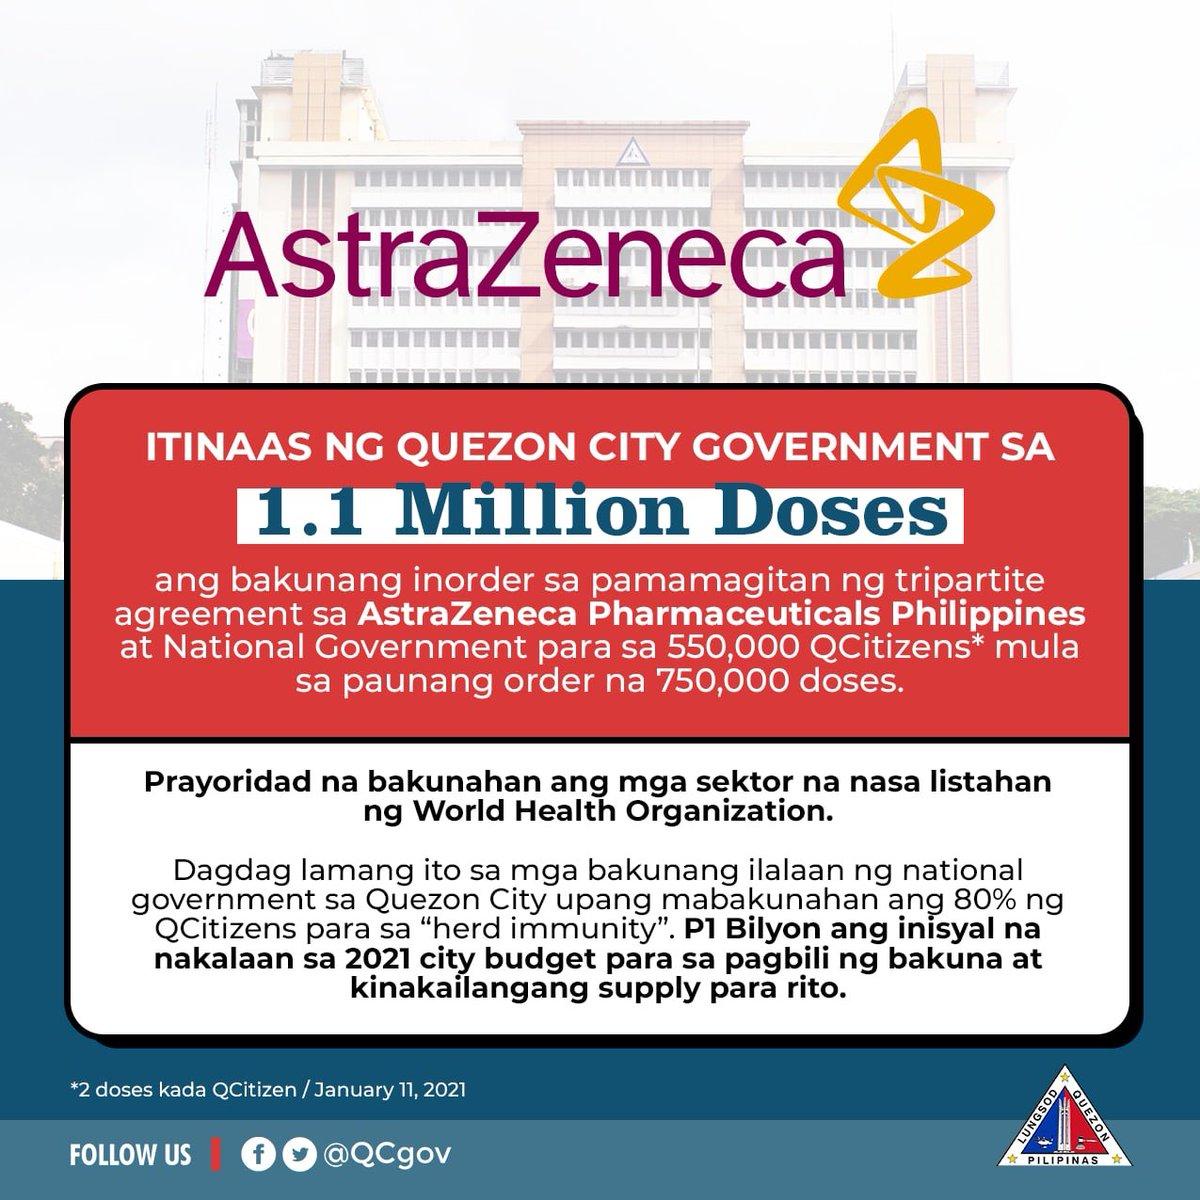 Good News! Mula sa paunang order na 750,000 doses, itinaas ng Quezon City government sa 1.1 Million doses ang bakunang inorder sa pamamagitan ng tripartite agreement sa AstraZeneca Pharmaceuticals Philippines at National Government para sa 550,000 QCitizens.